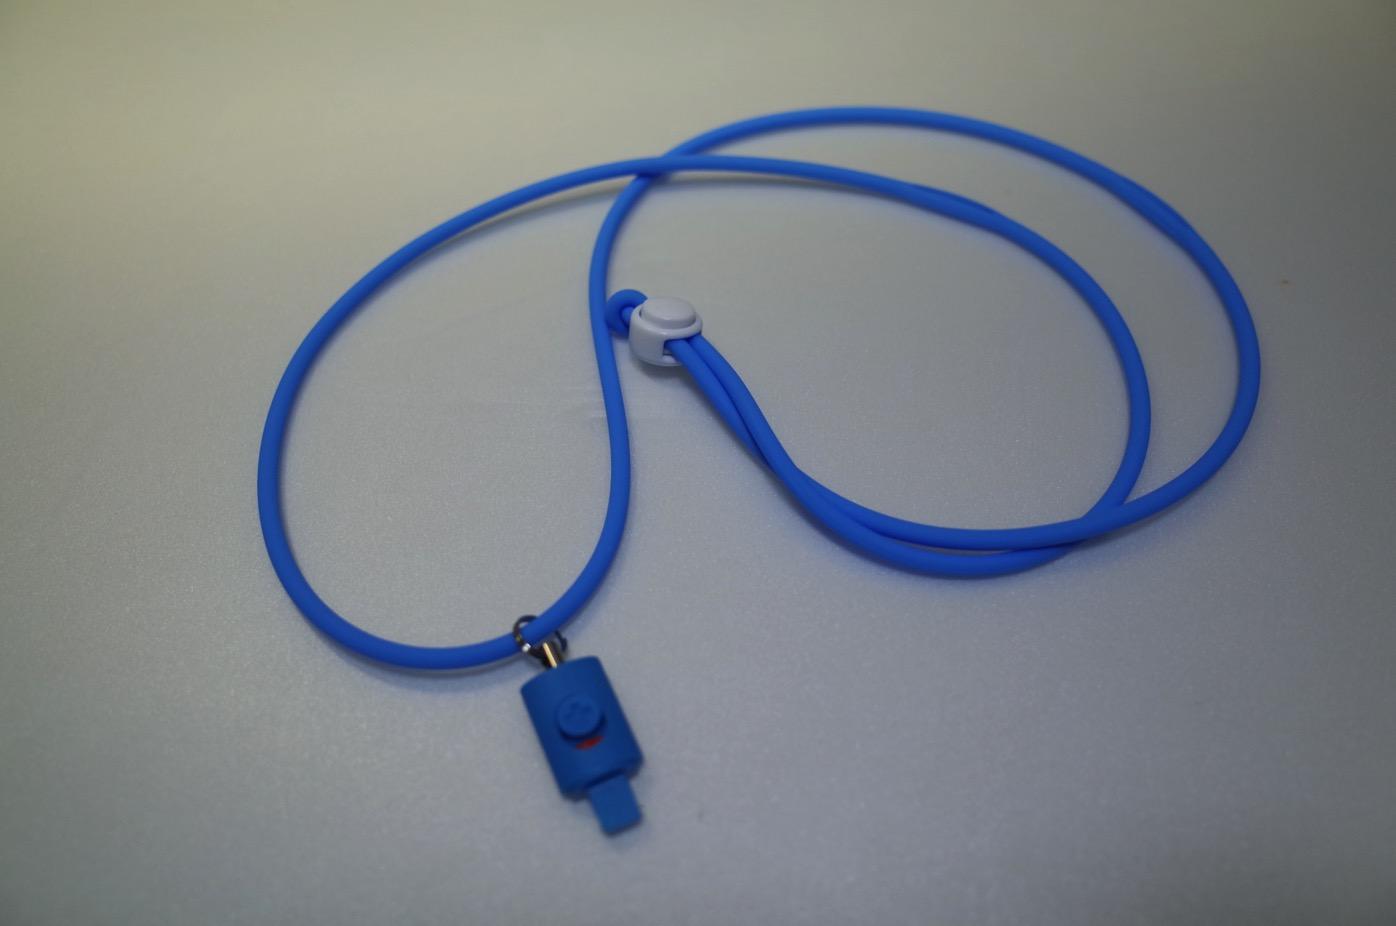 Lightningコネクター用のネックストラップ-7